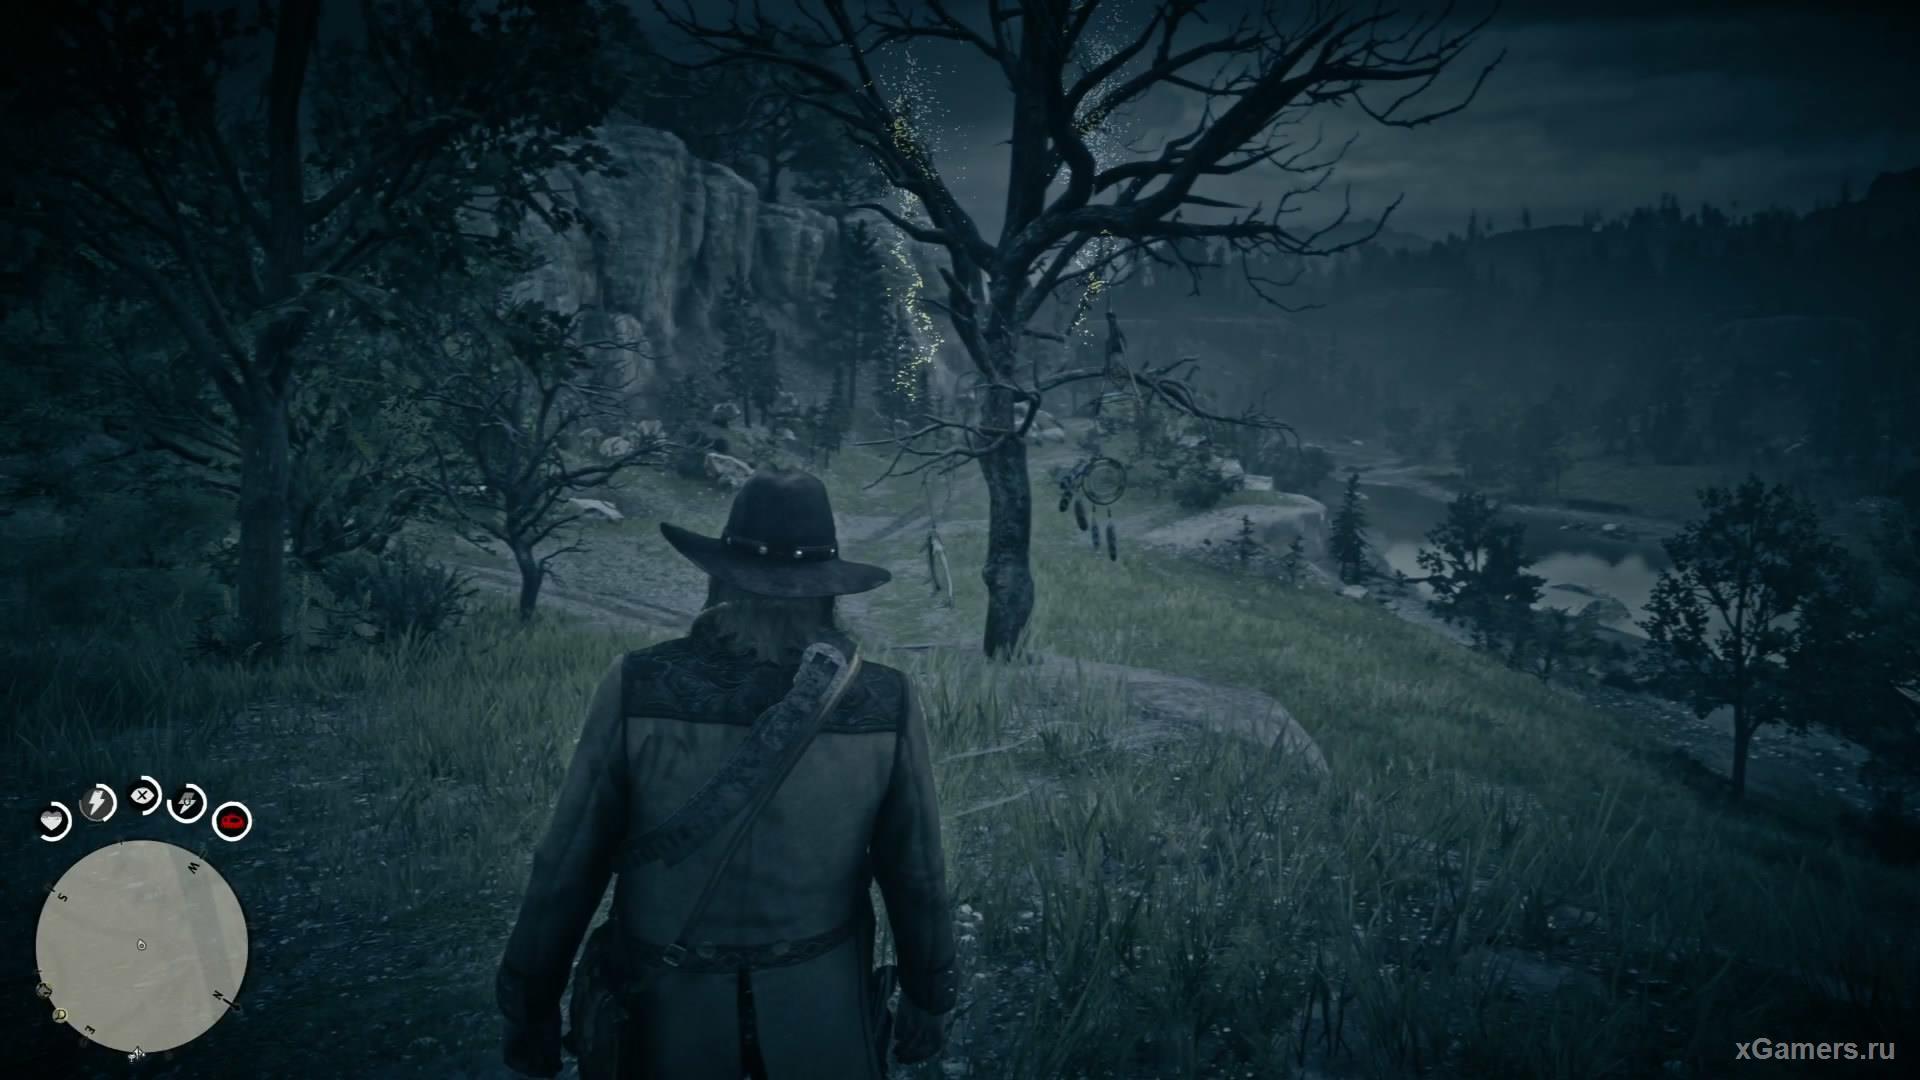 Четырнадцатый ловец находится на западе от Heartlands